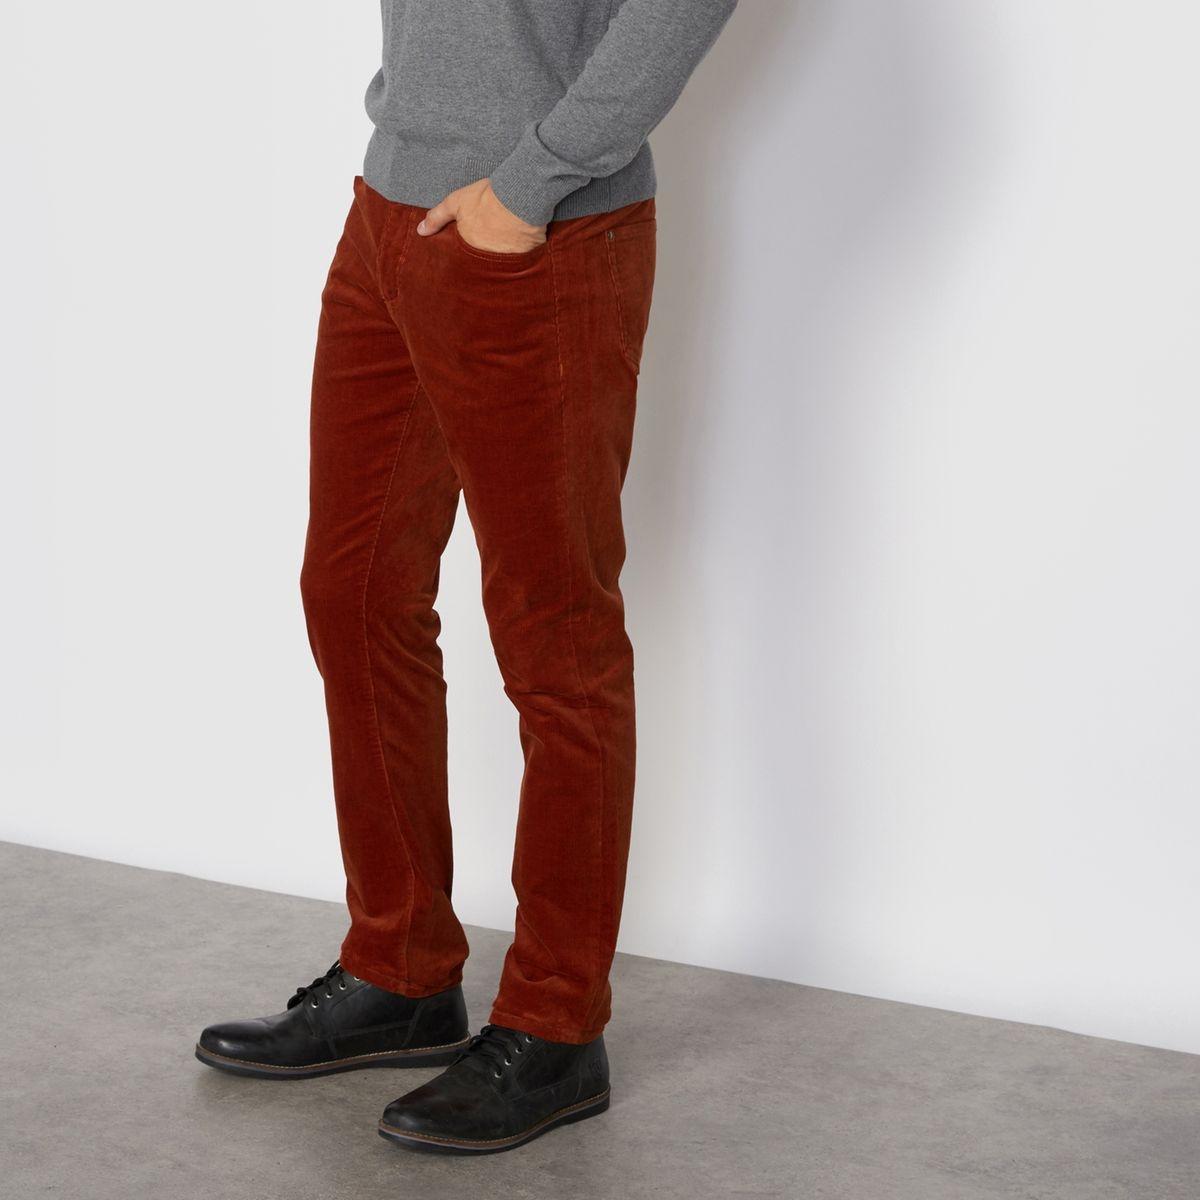 Pantalon 5 poches, en velours